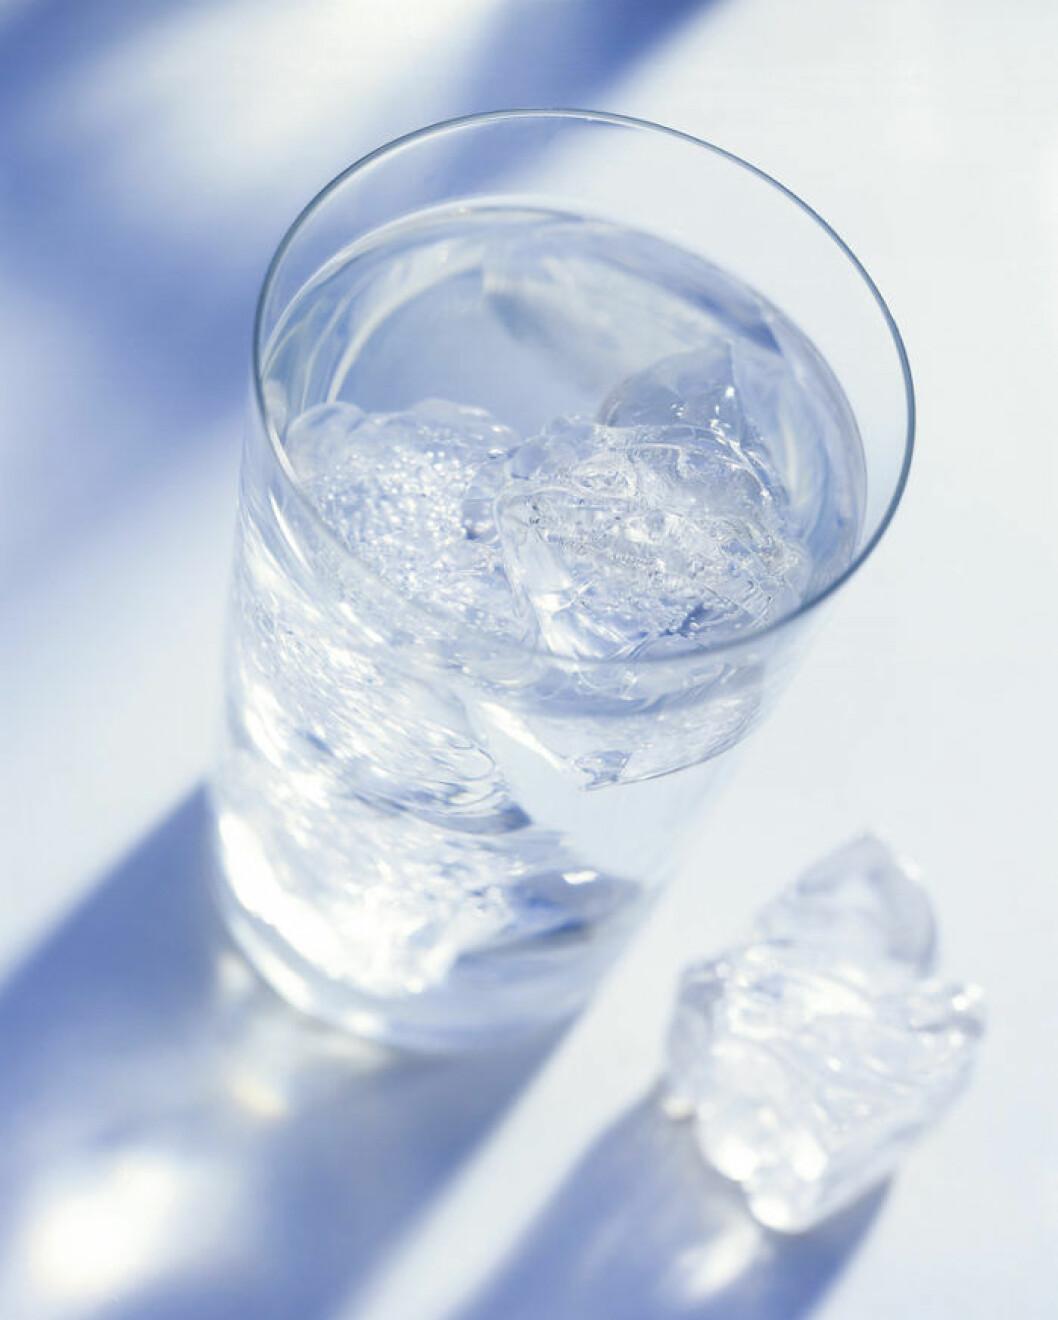 Koka vattnet innan du häller det i tråget så blir bitarna snyggt kristallklara.